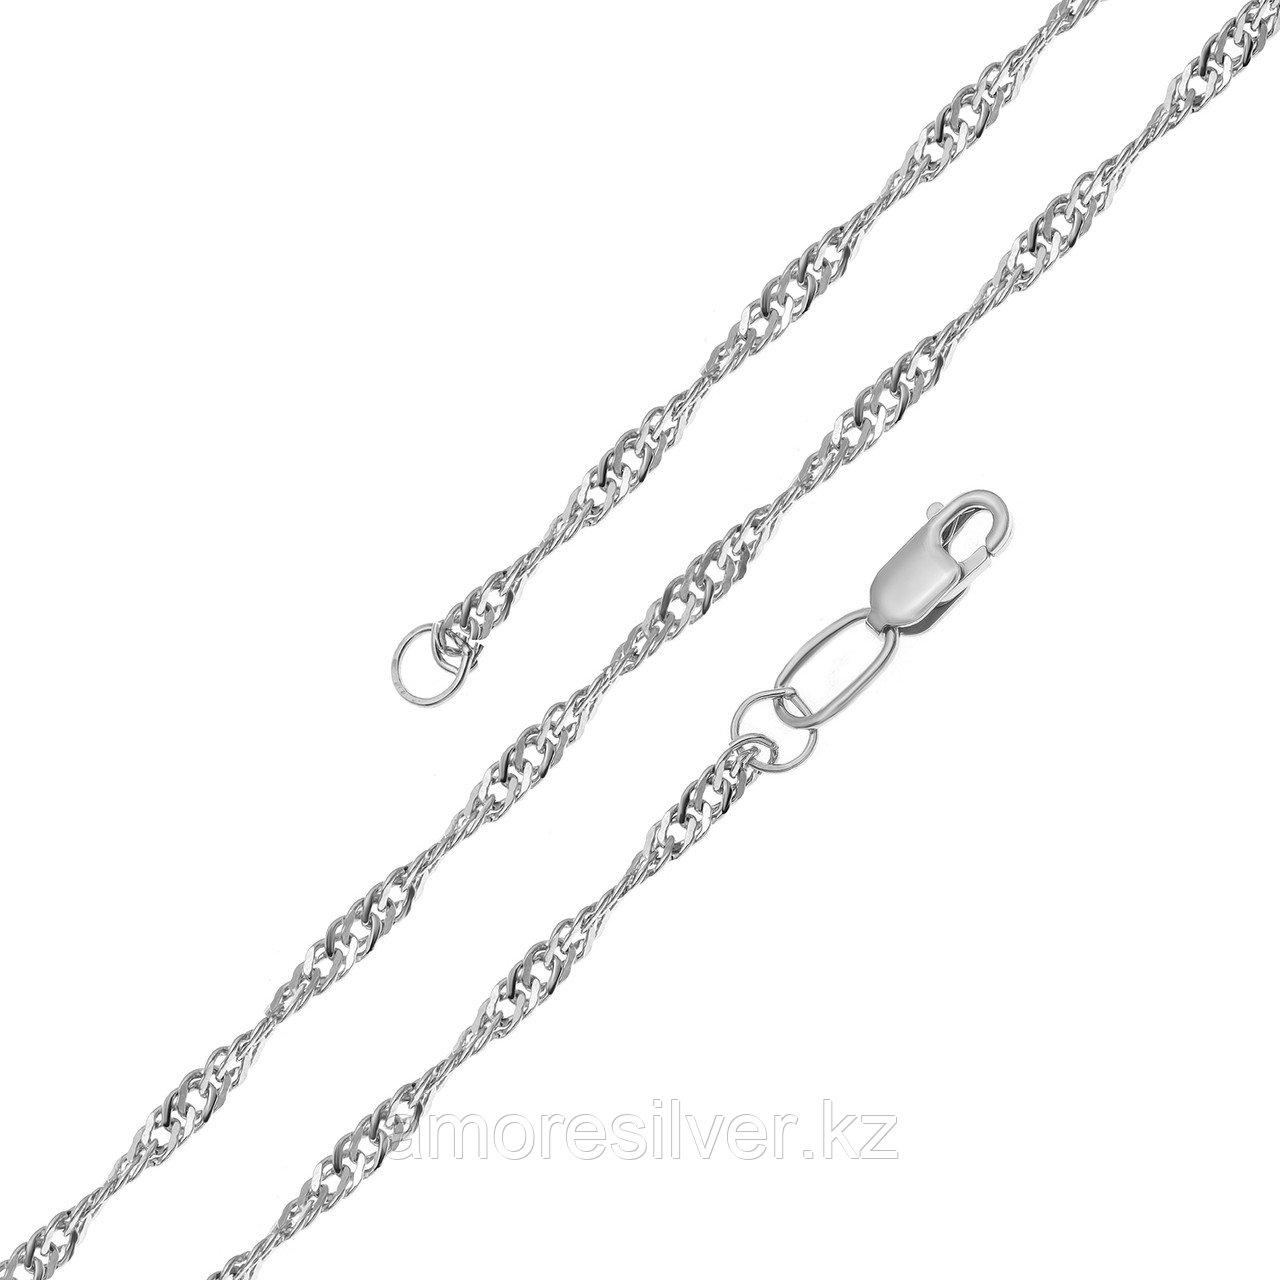 Цепь  серебро с родием, без вставок, сингапур 81050022750 размеры - 50